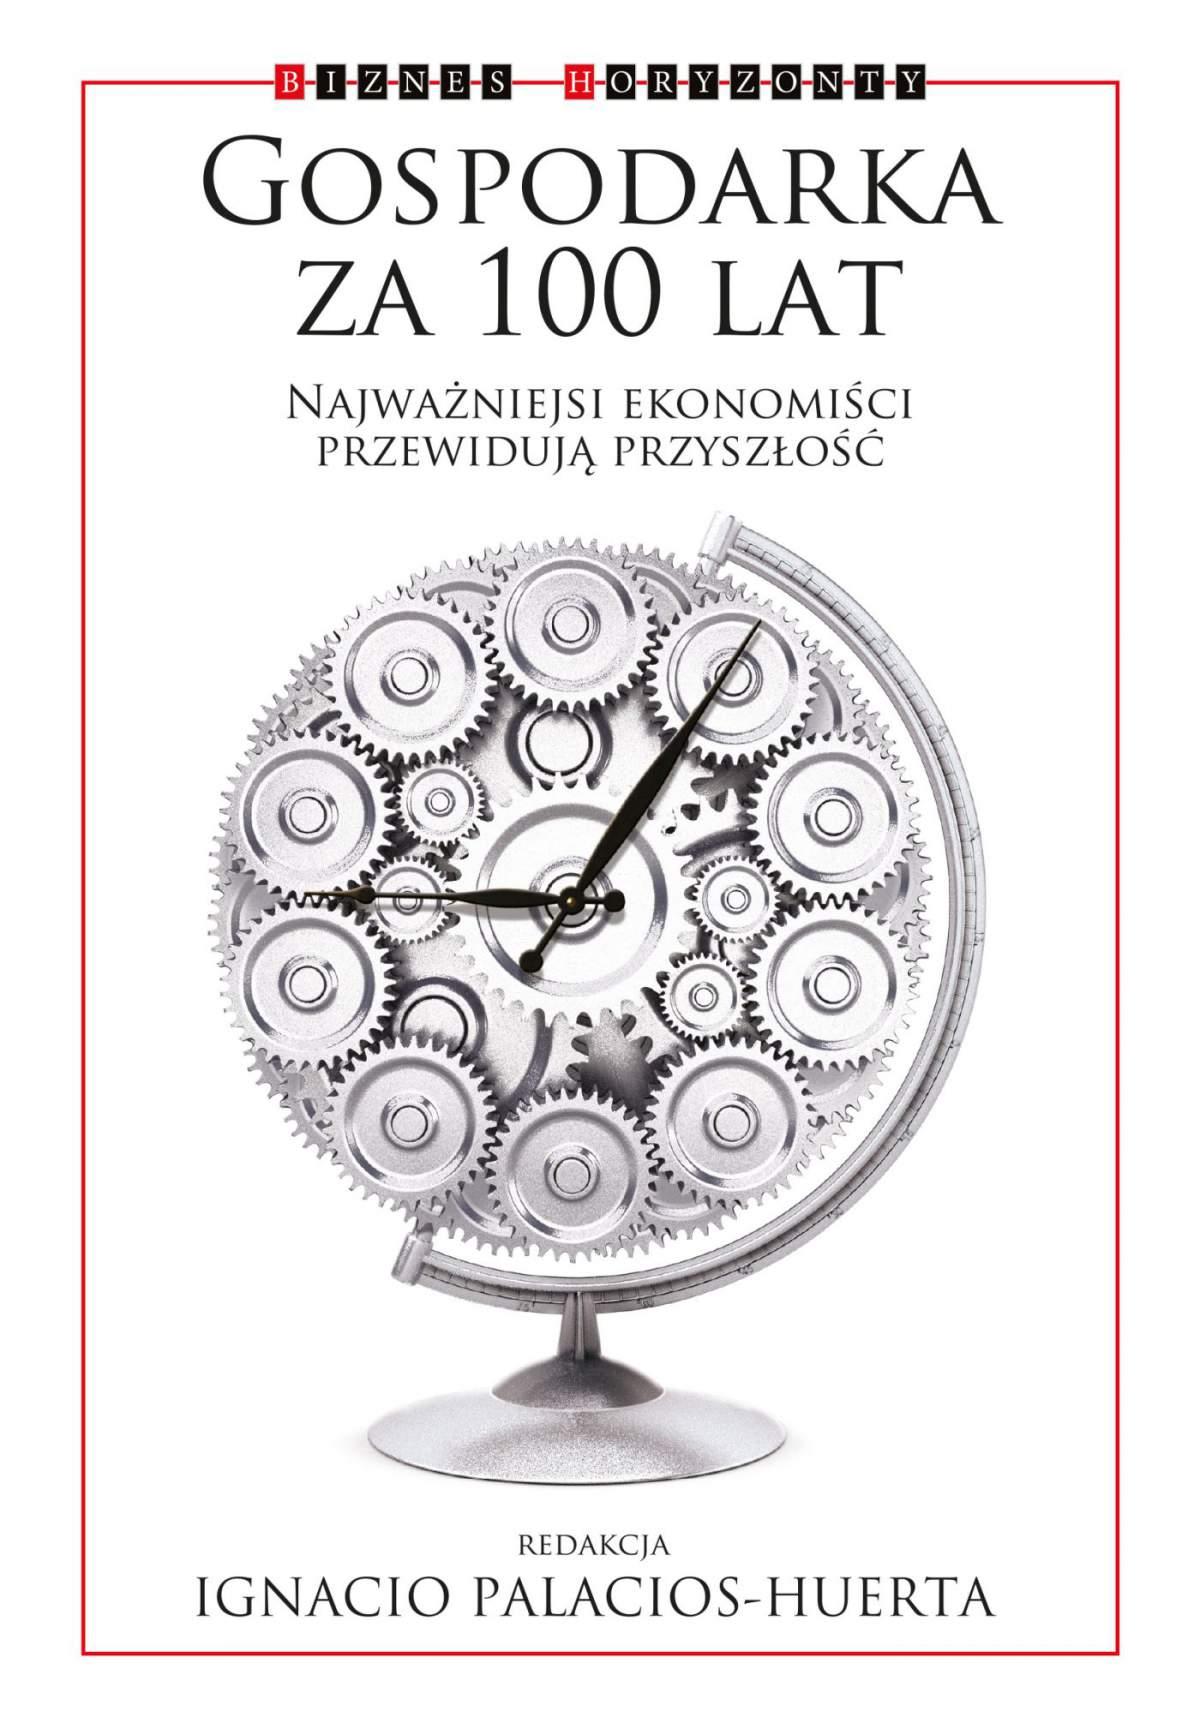 Gospodarka za 100 lat. Najważniejsi ekonomiści przewidują przyszłość - Ebook (Książka na Kindle) do pobrania w formacie MOBI